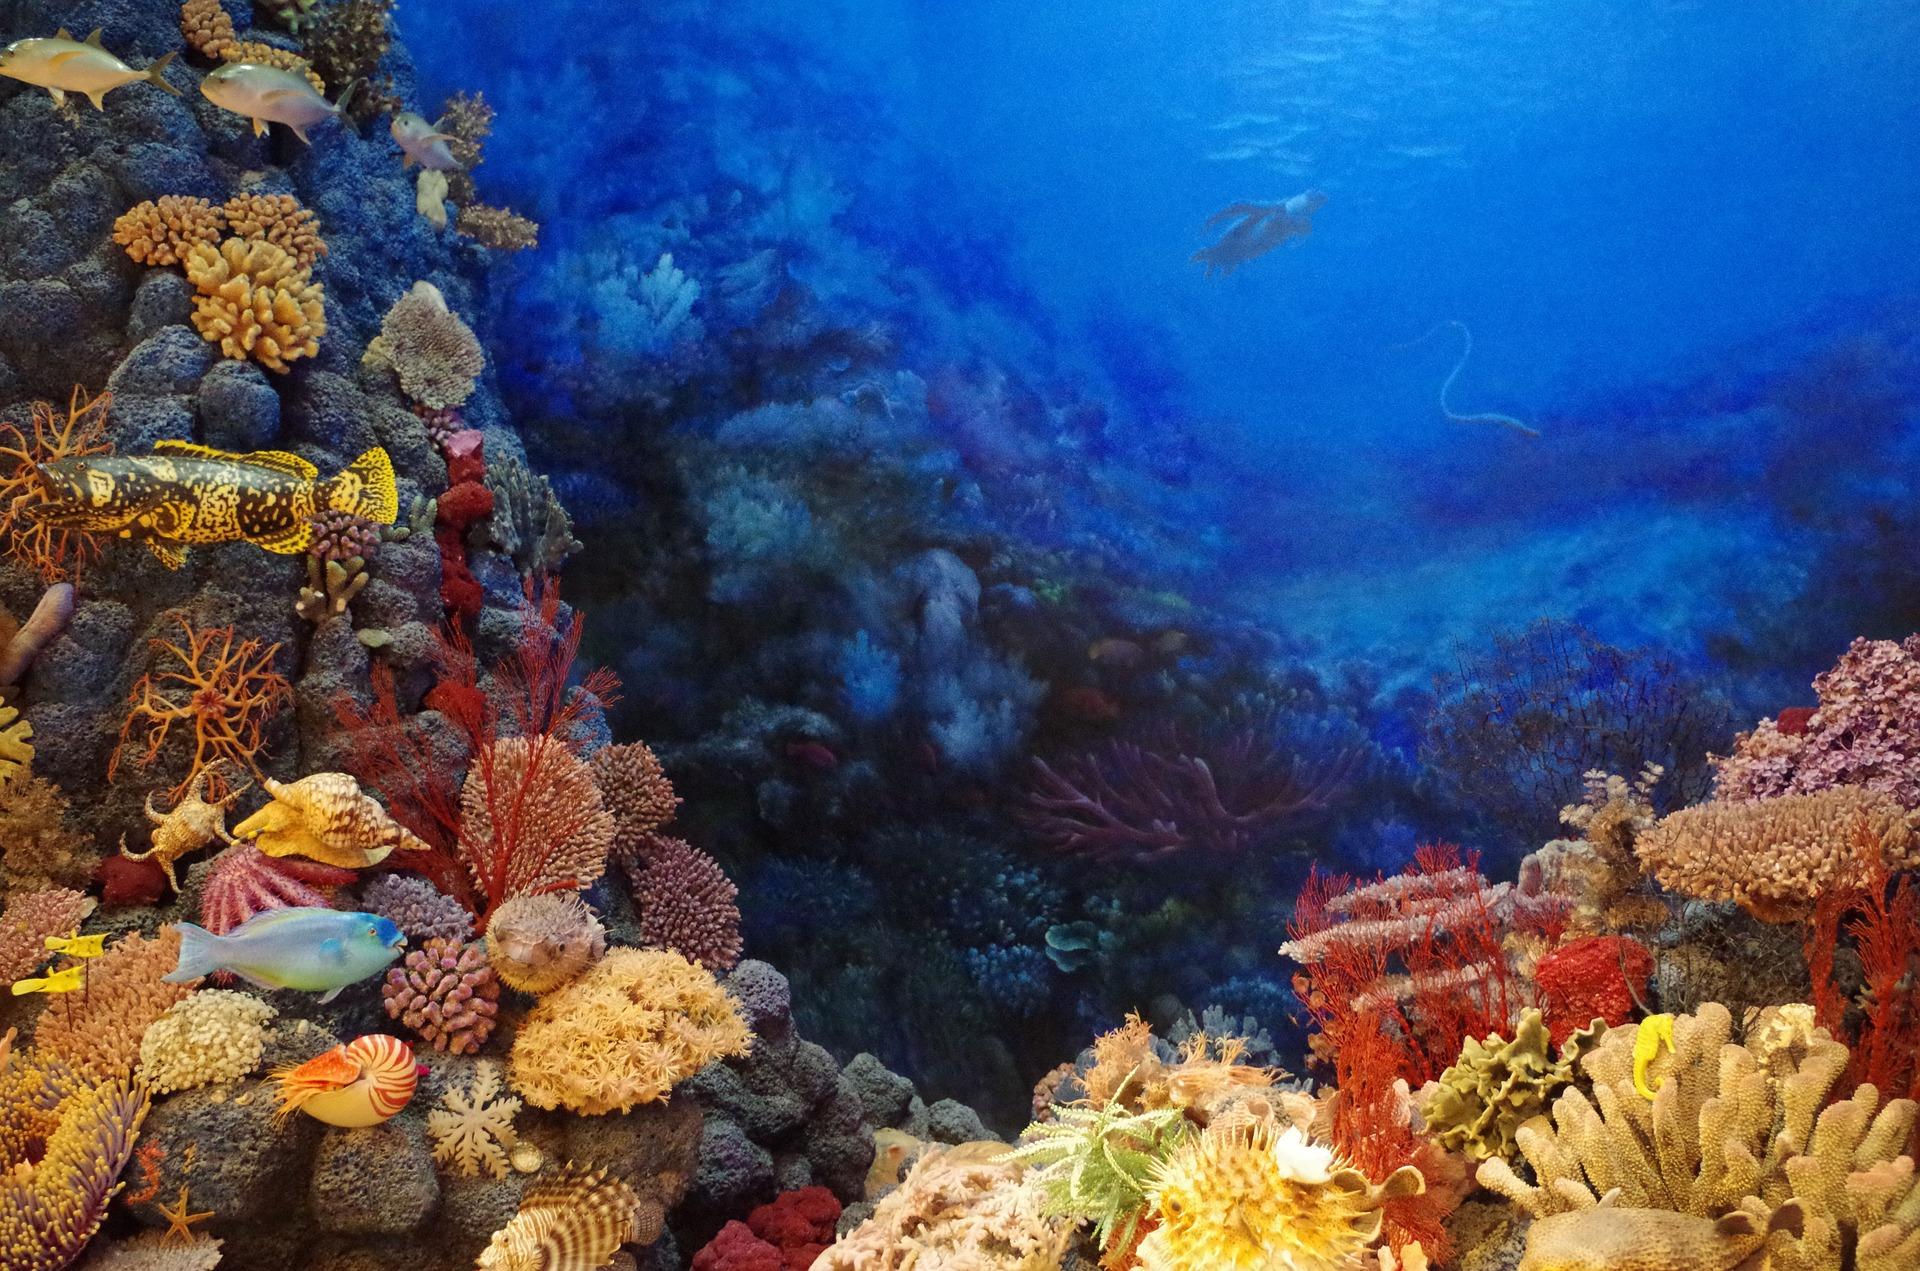 关于潜水你不得不知道的潜在危险